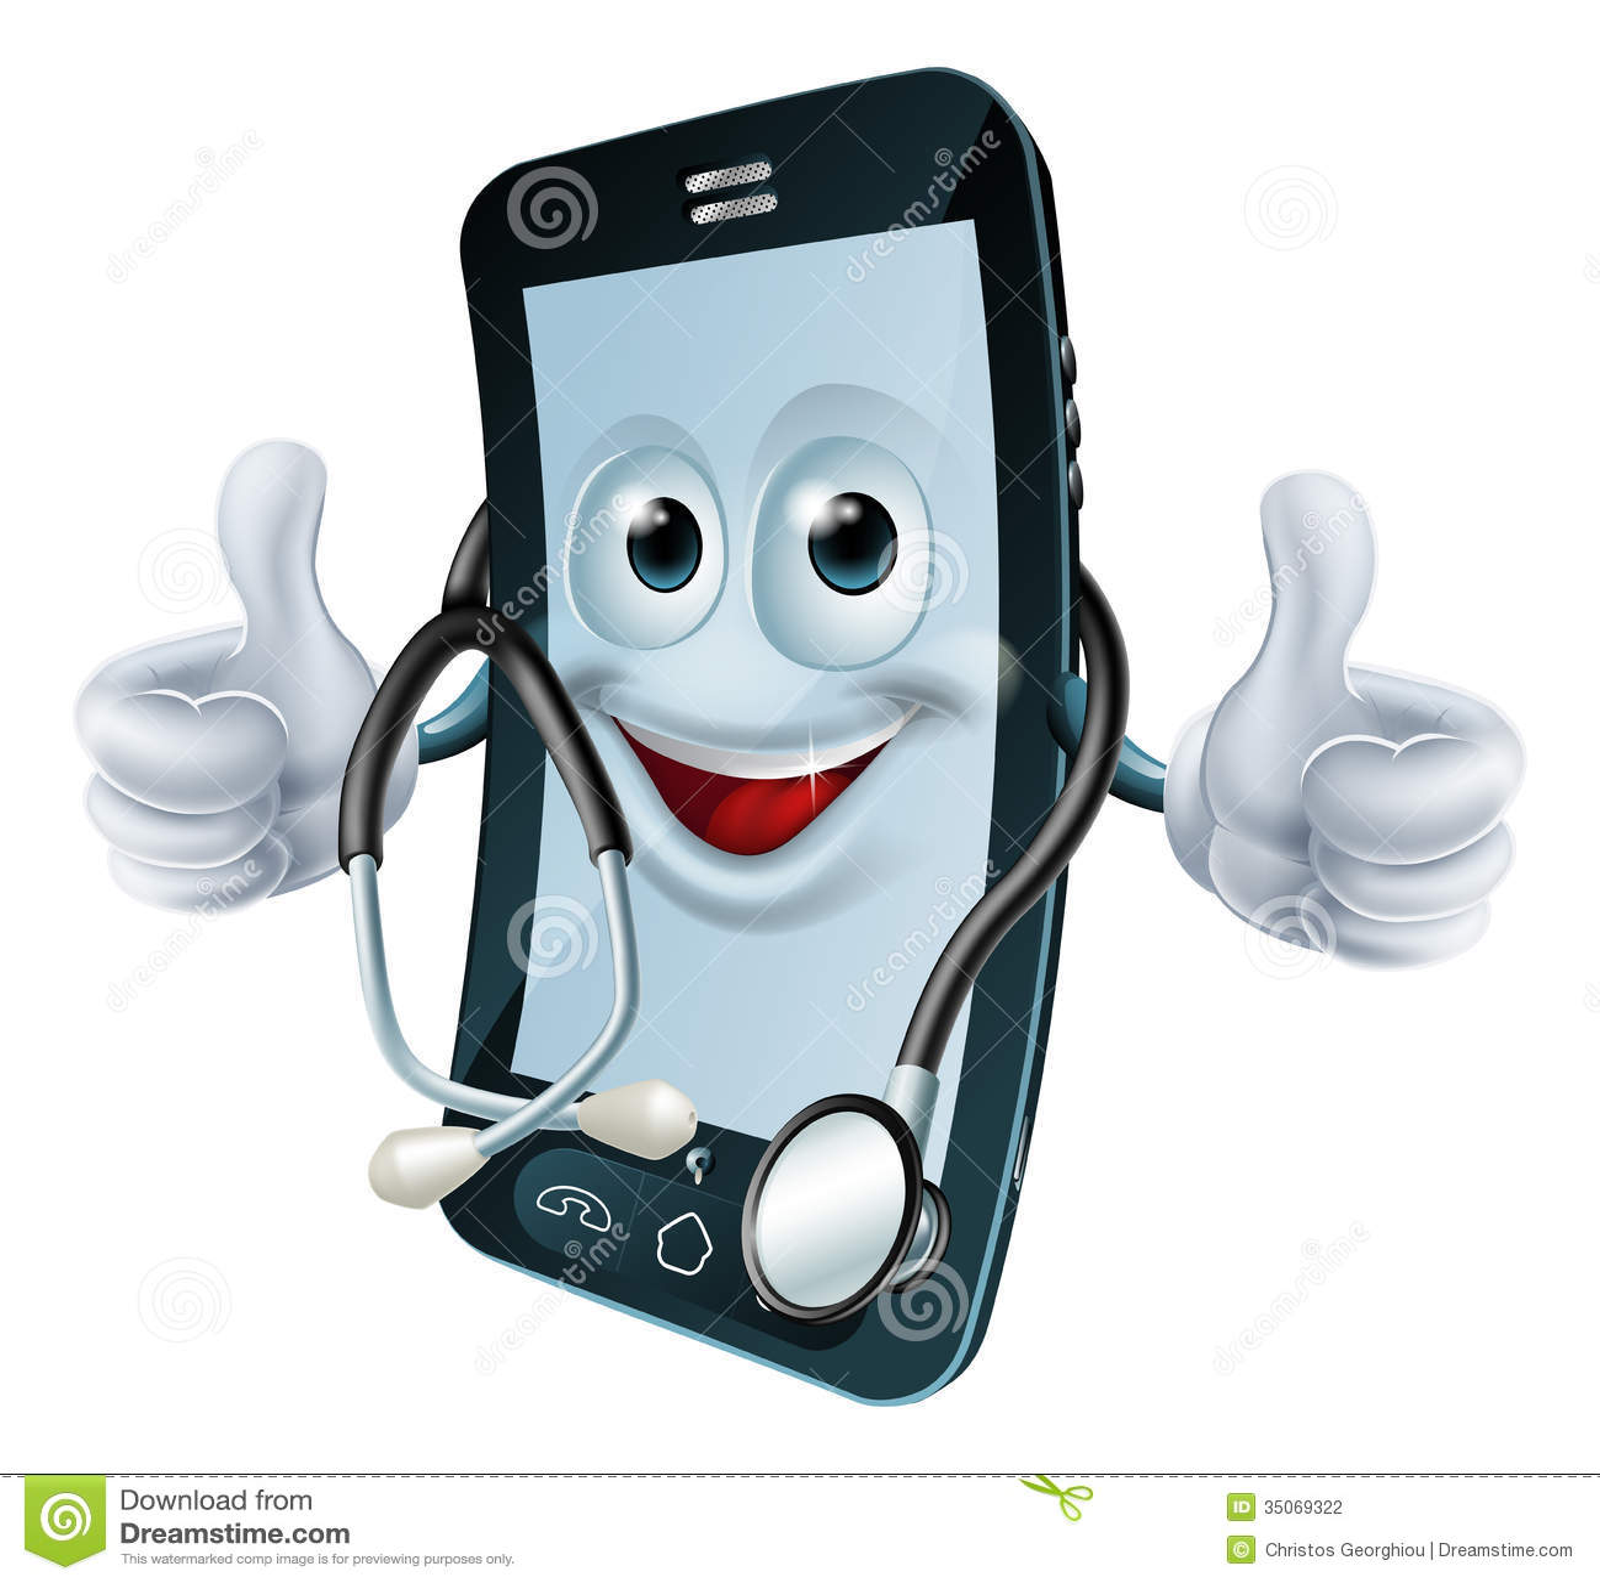 mobile phone repair business plan